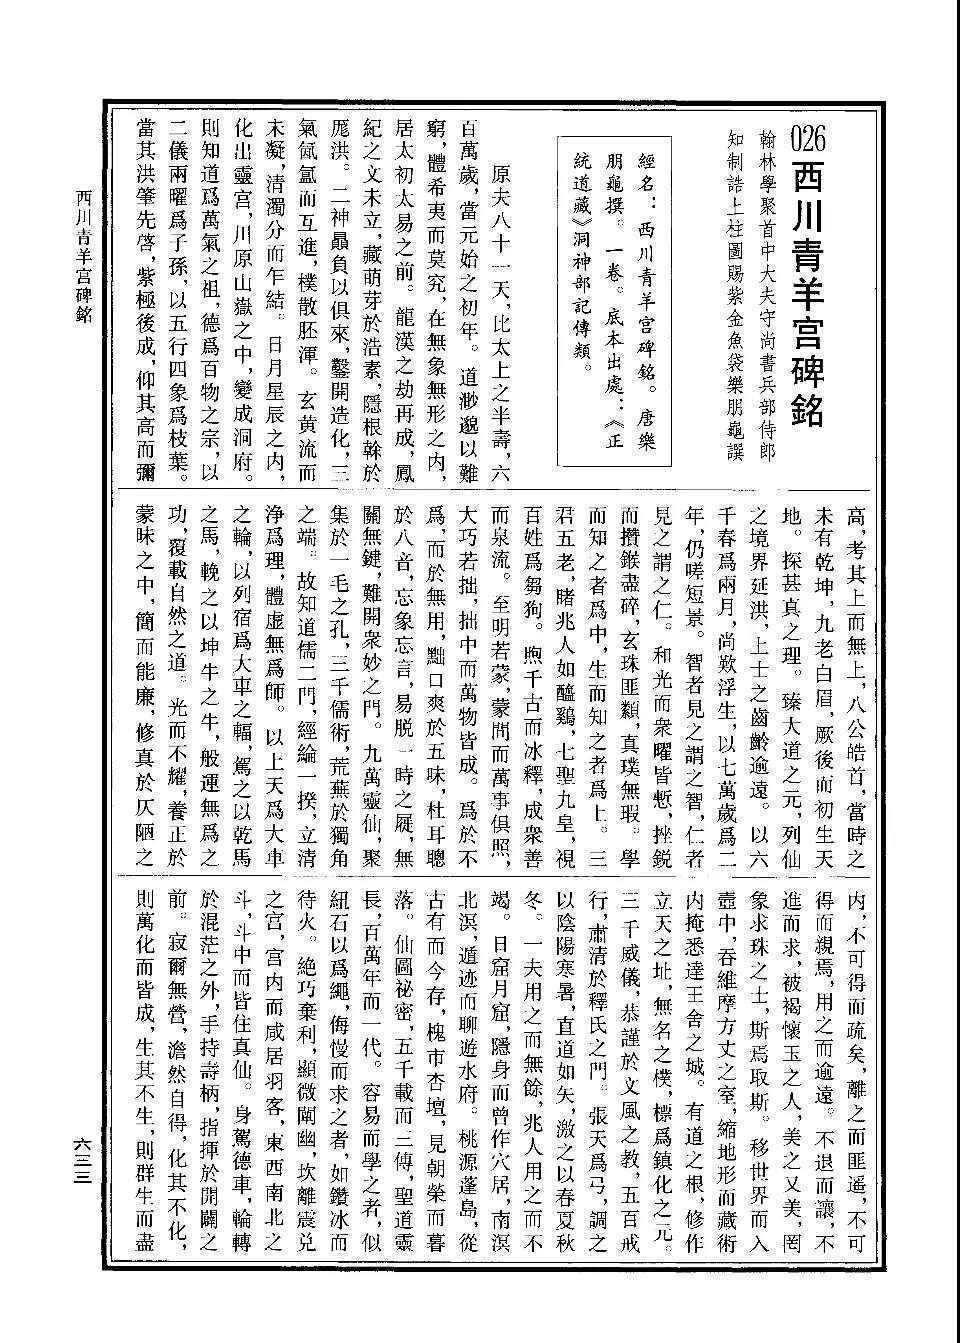 西川青羊宫碑铭